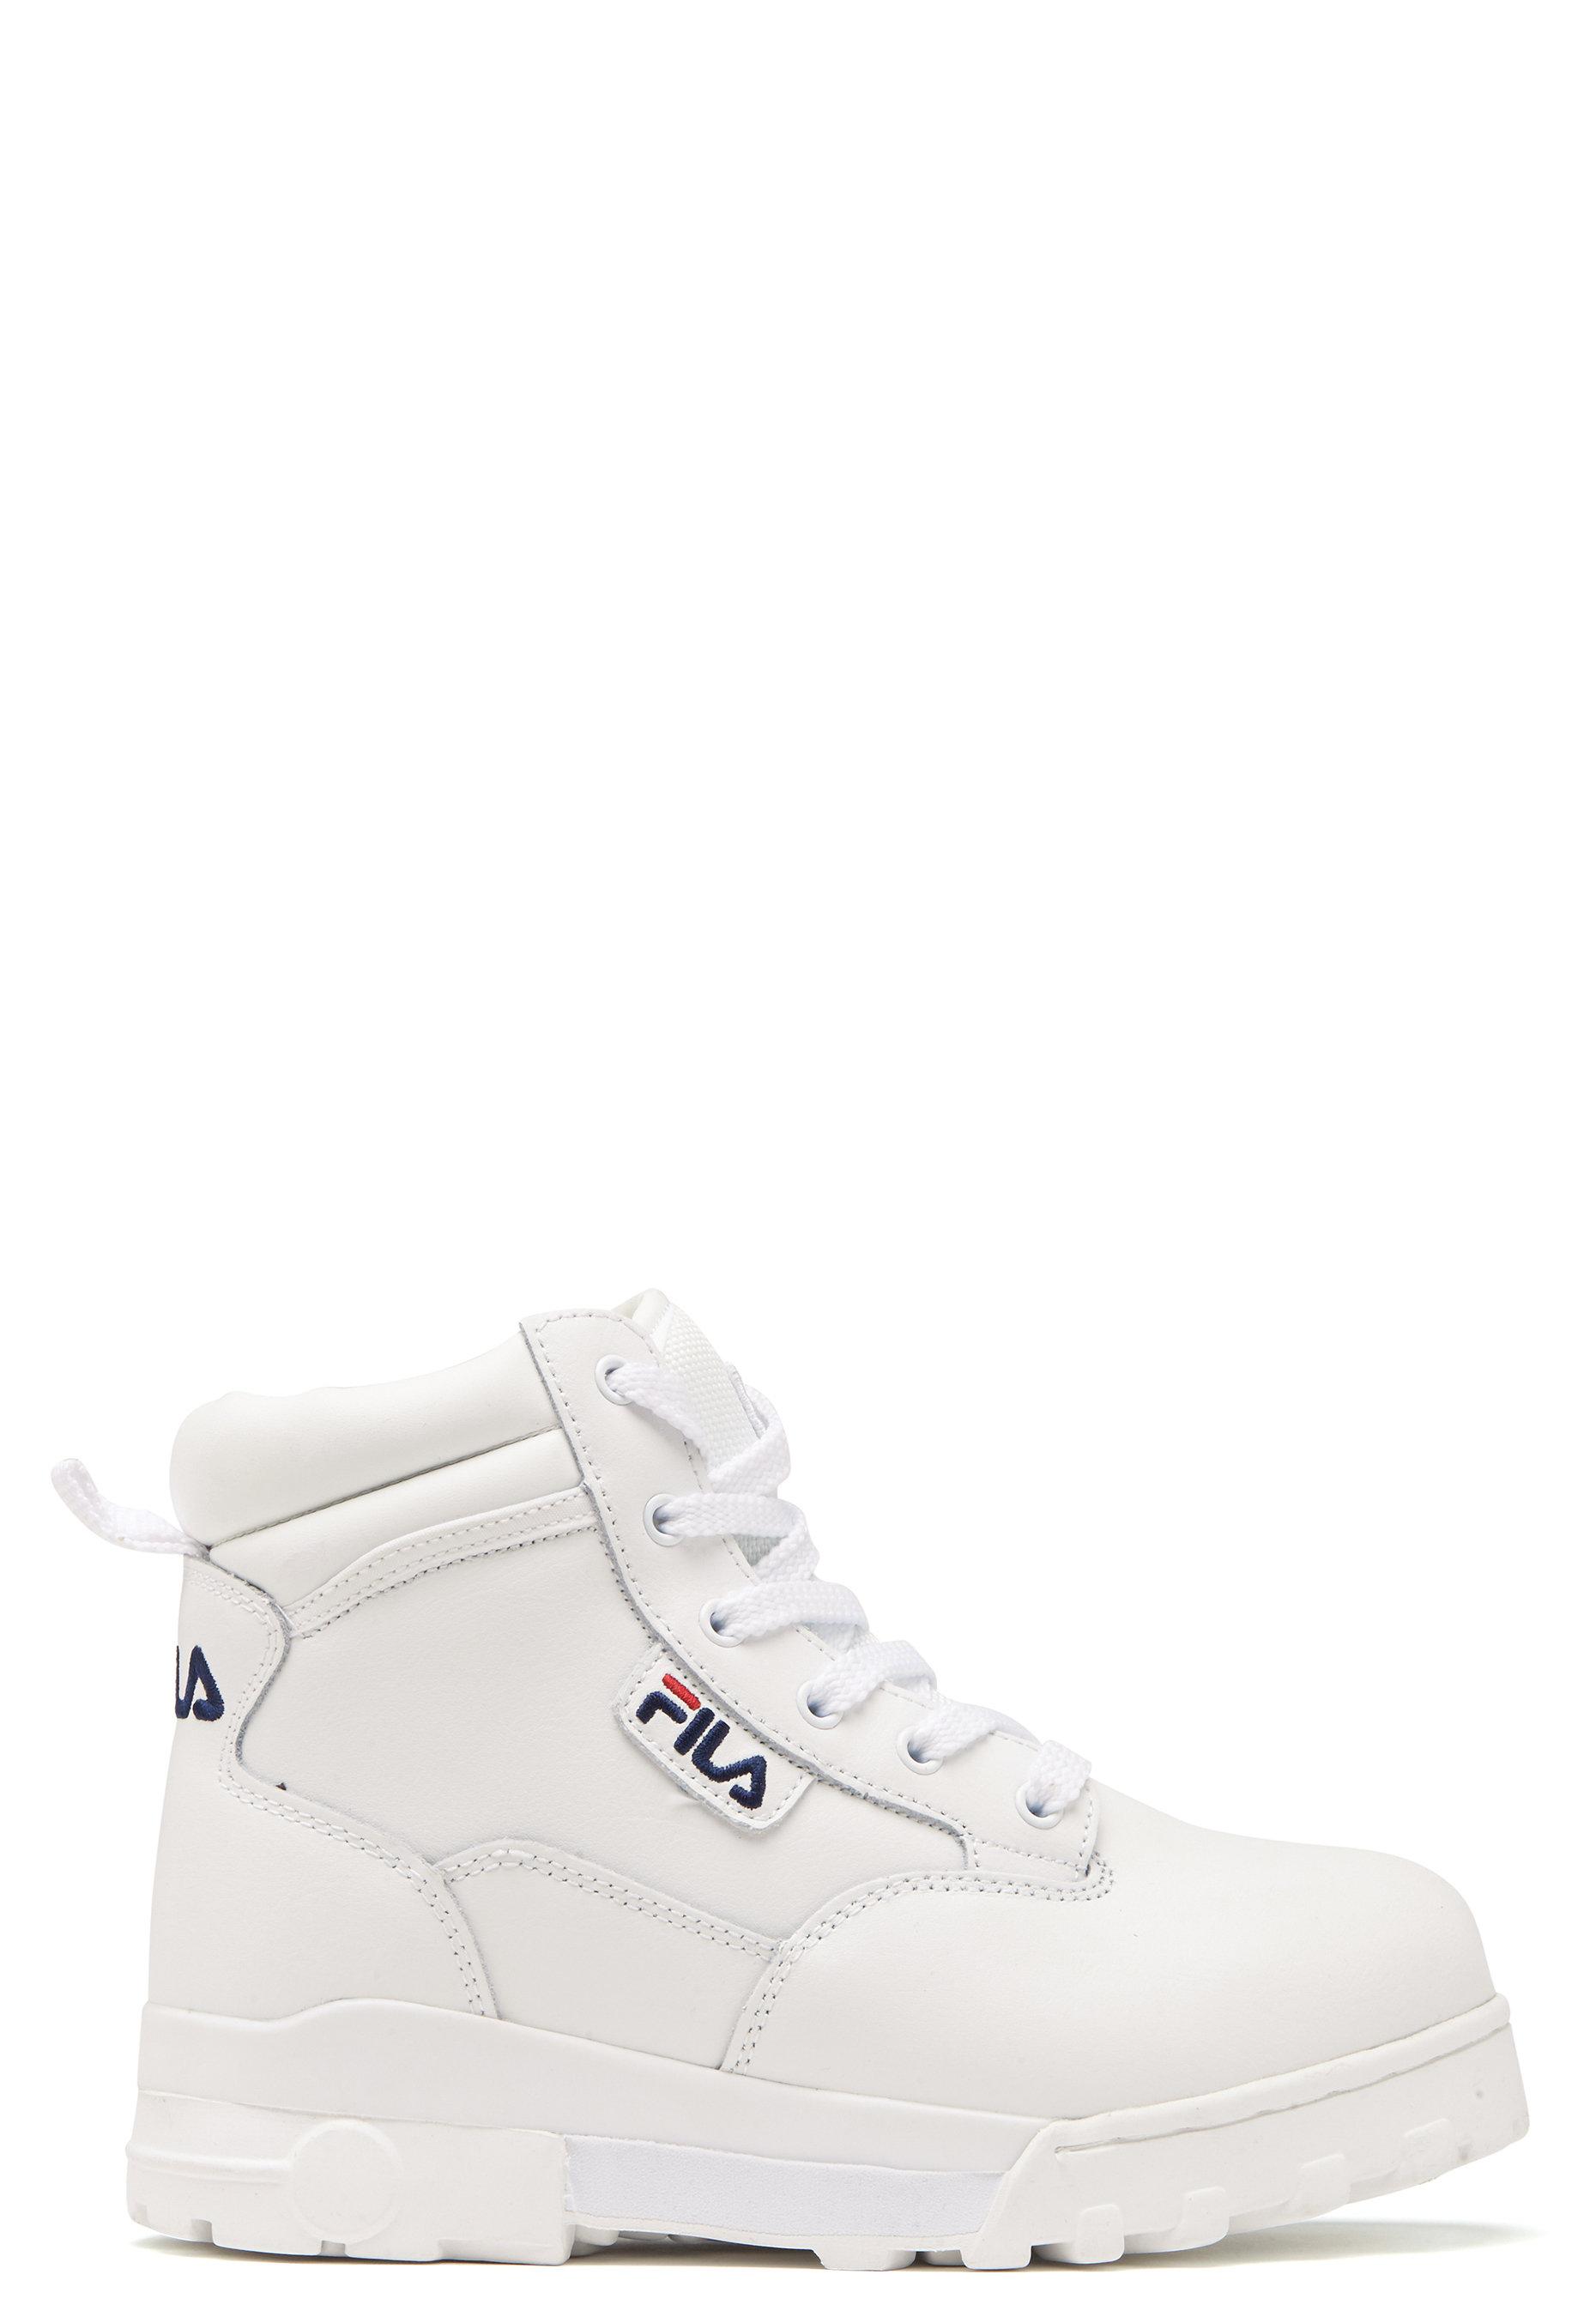 FILA Grunge L Mid Boots White - Bubbleroom